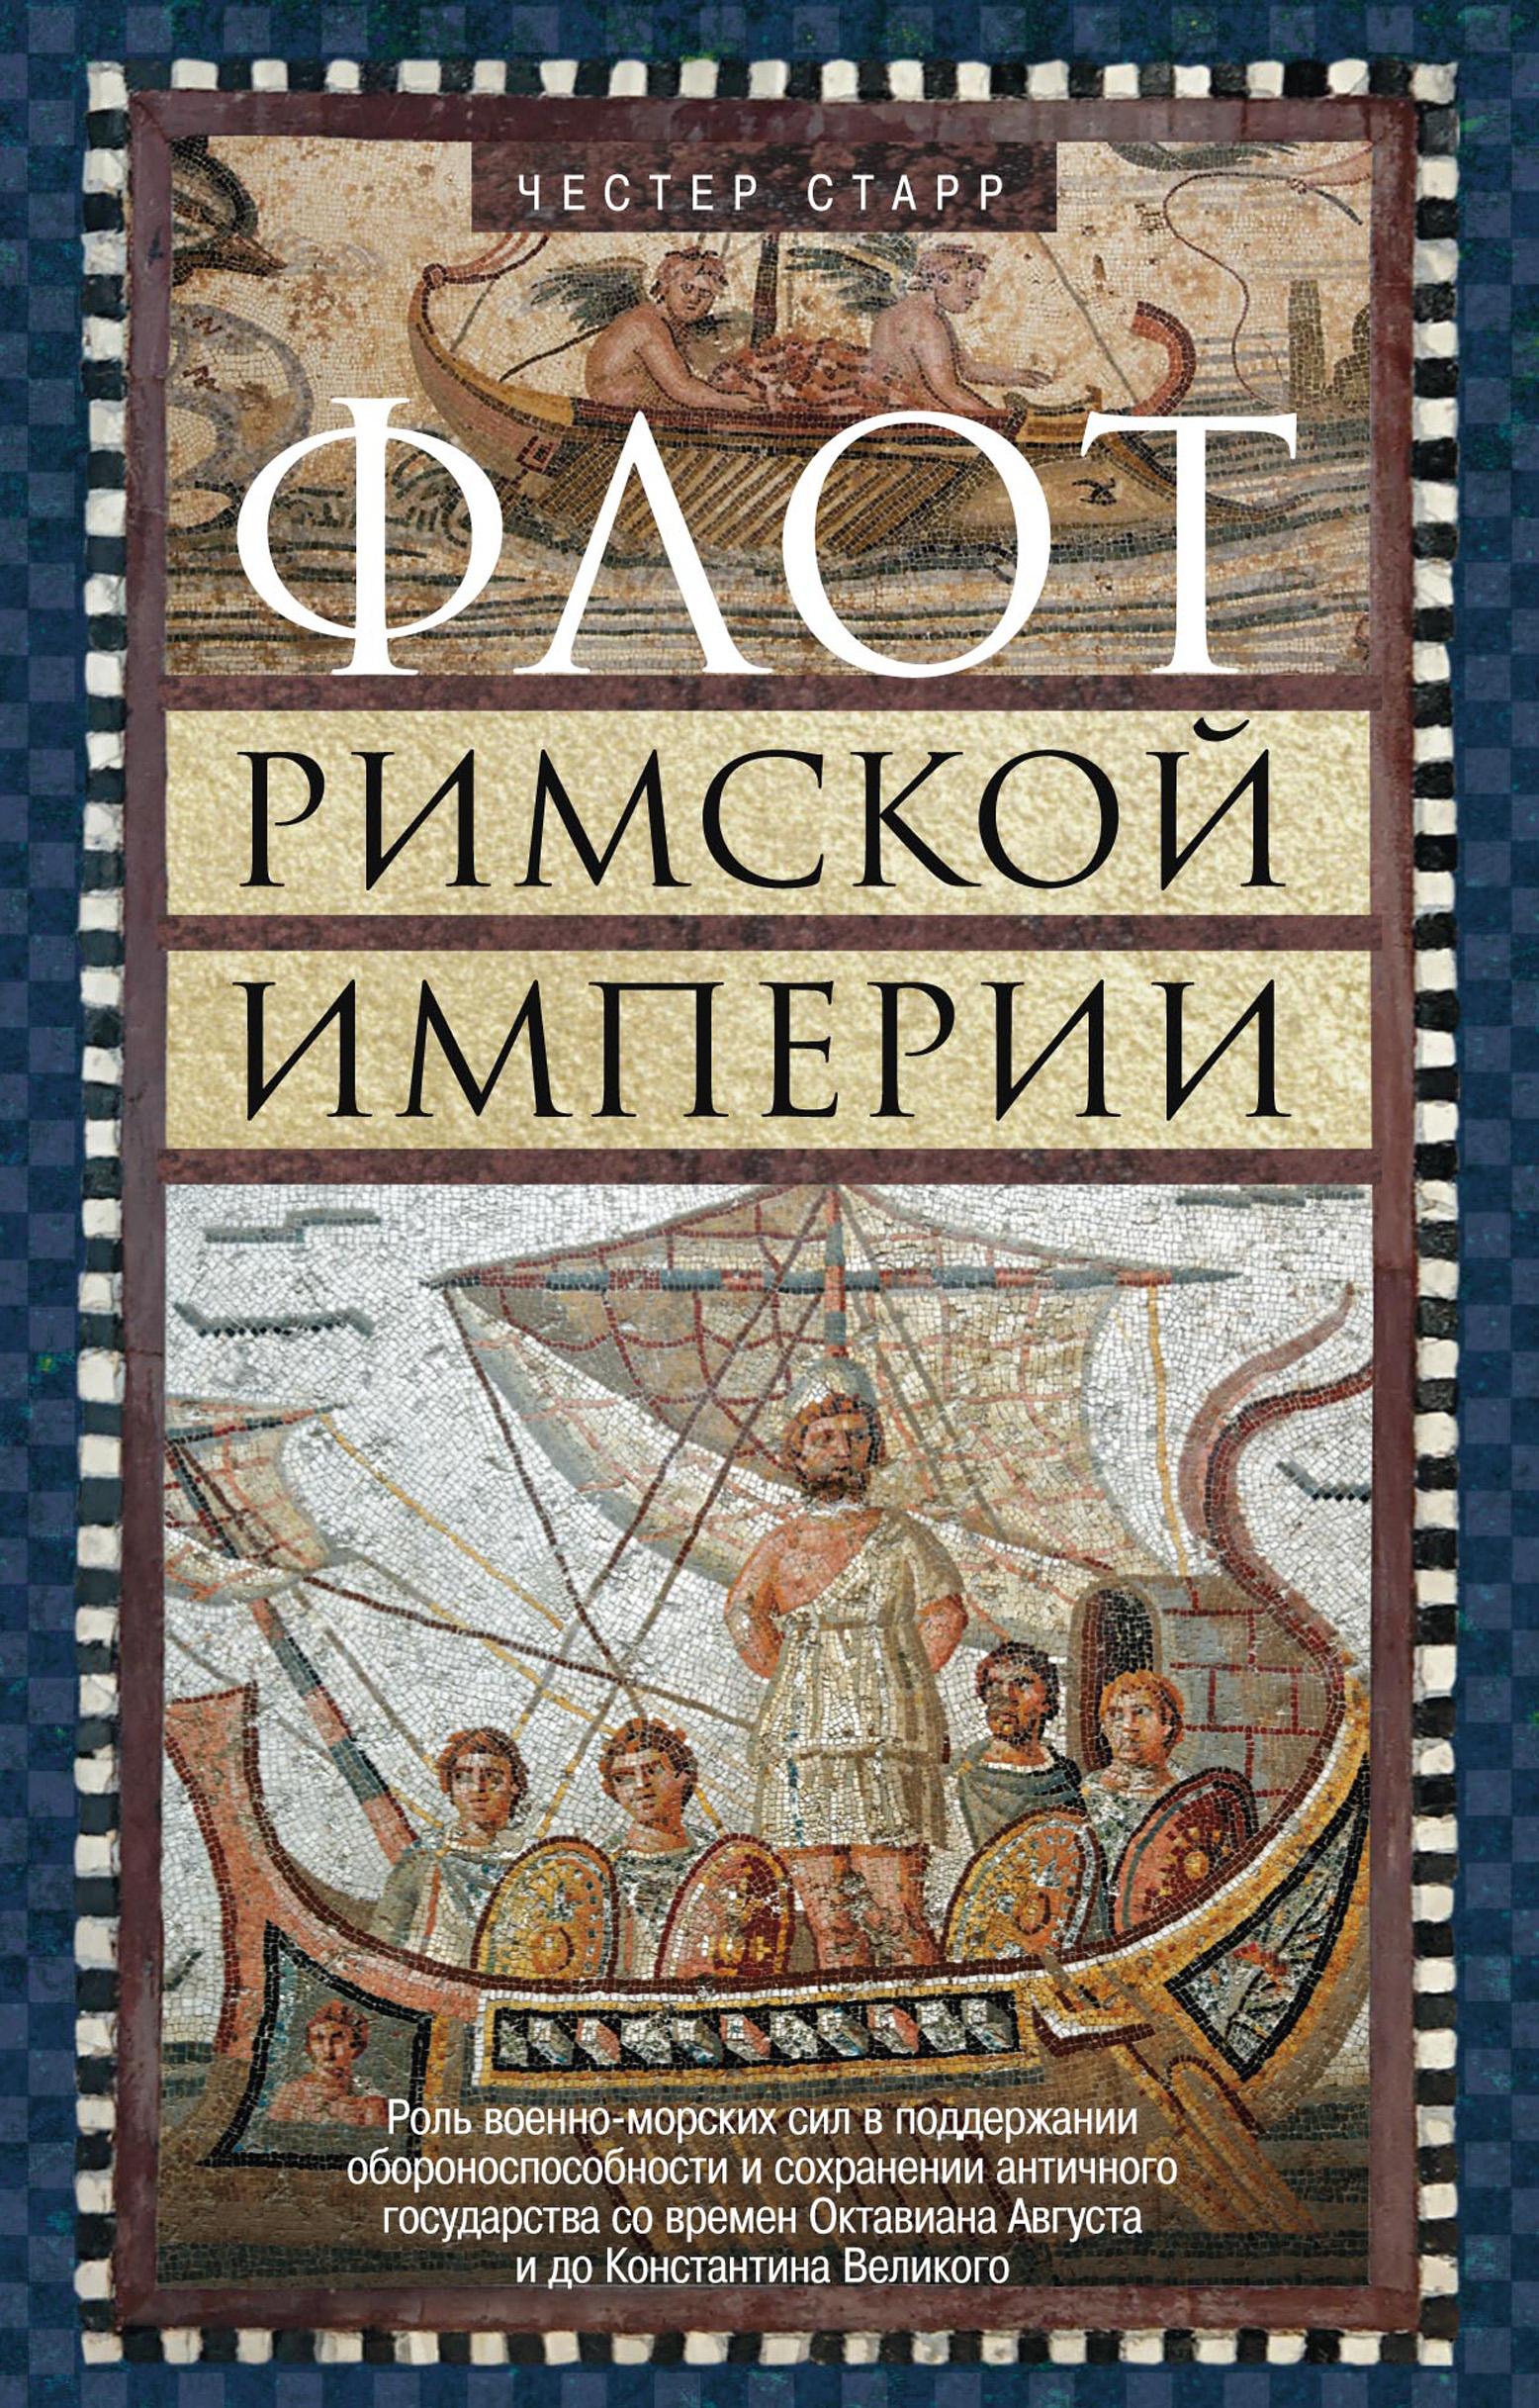 Флот Римской империи. Роль военно-морских сил в поддержании обороноспособности и сохранении античного государства со времен Октавиана Августа и до Константина Великого